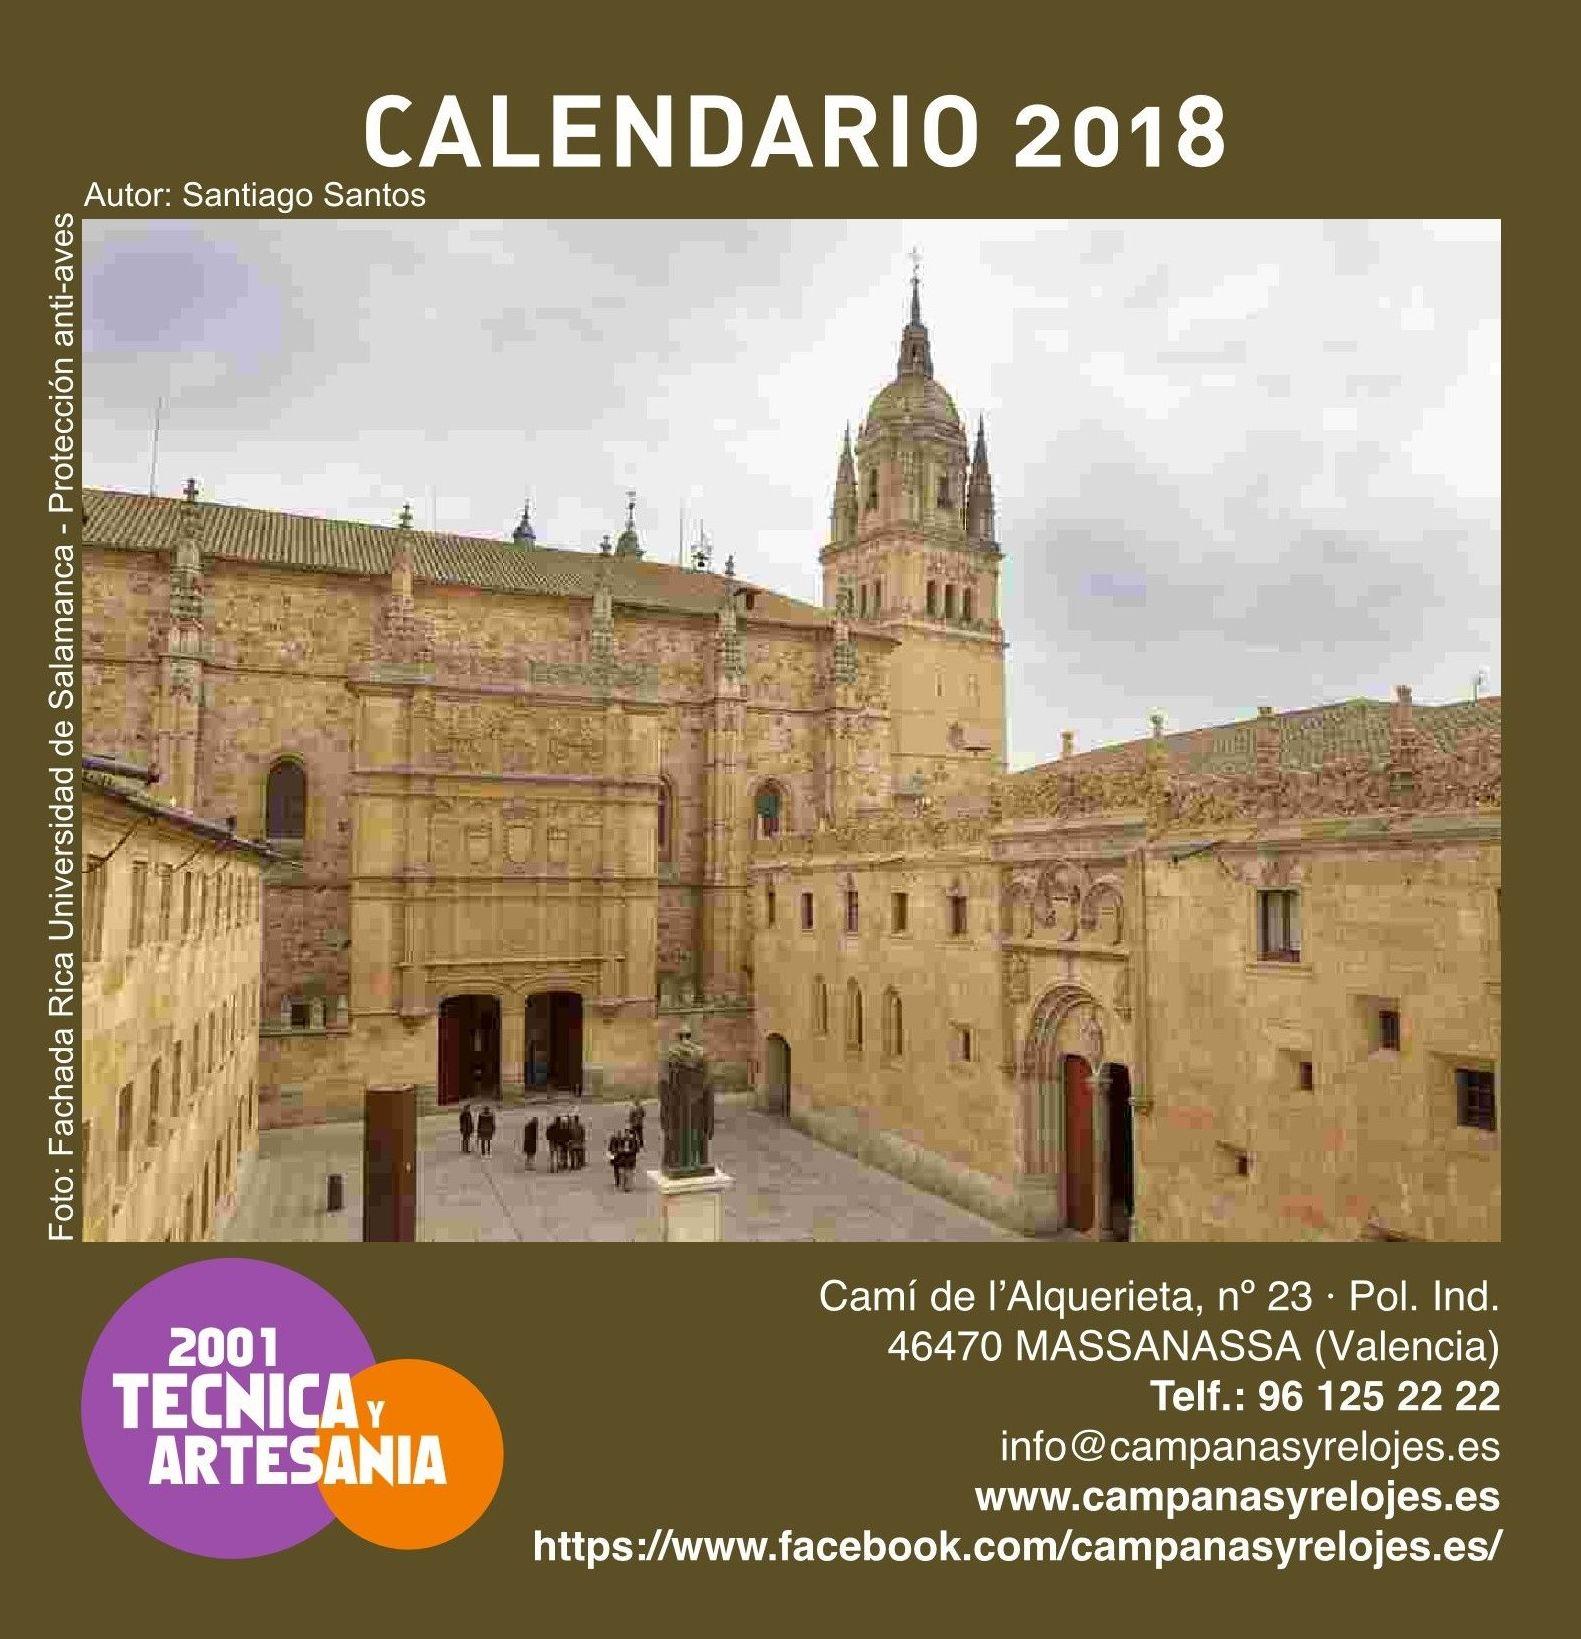 2001 Técnica y Artesanía, S. L. - Calendario 2018